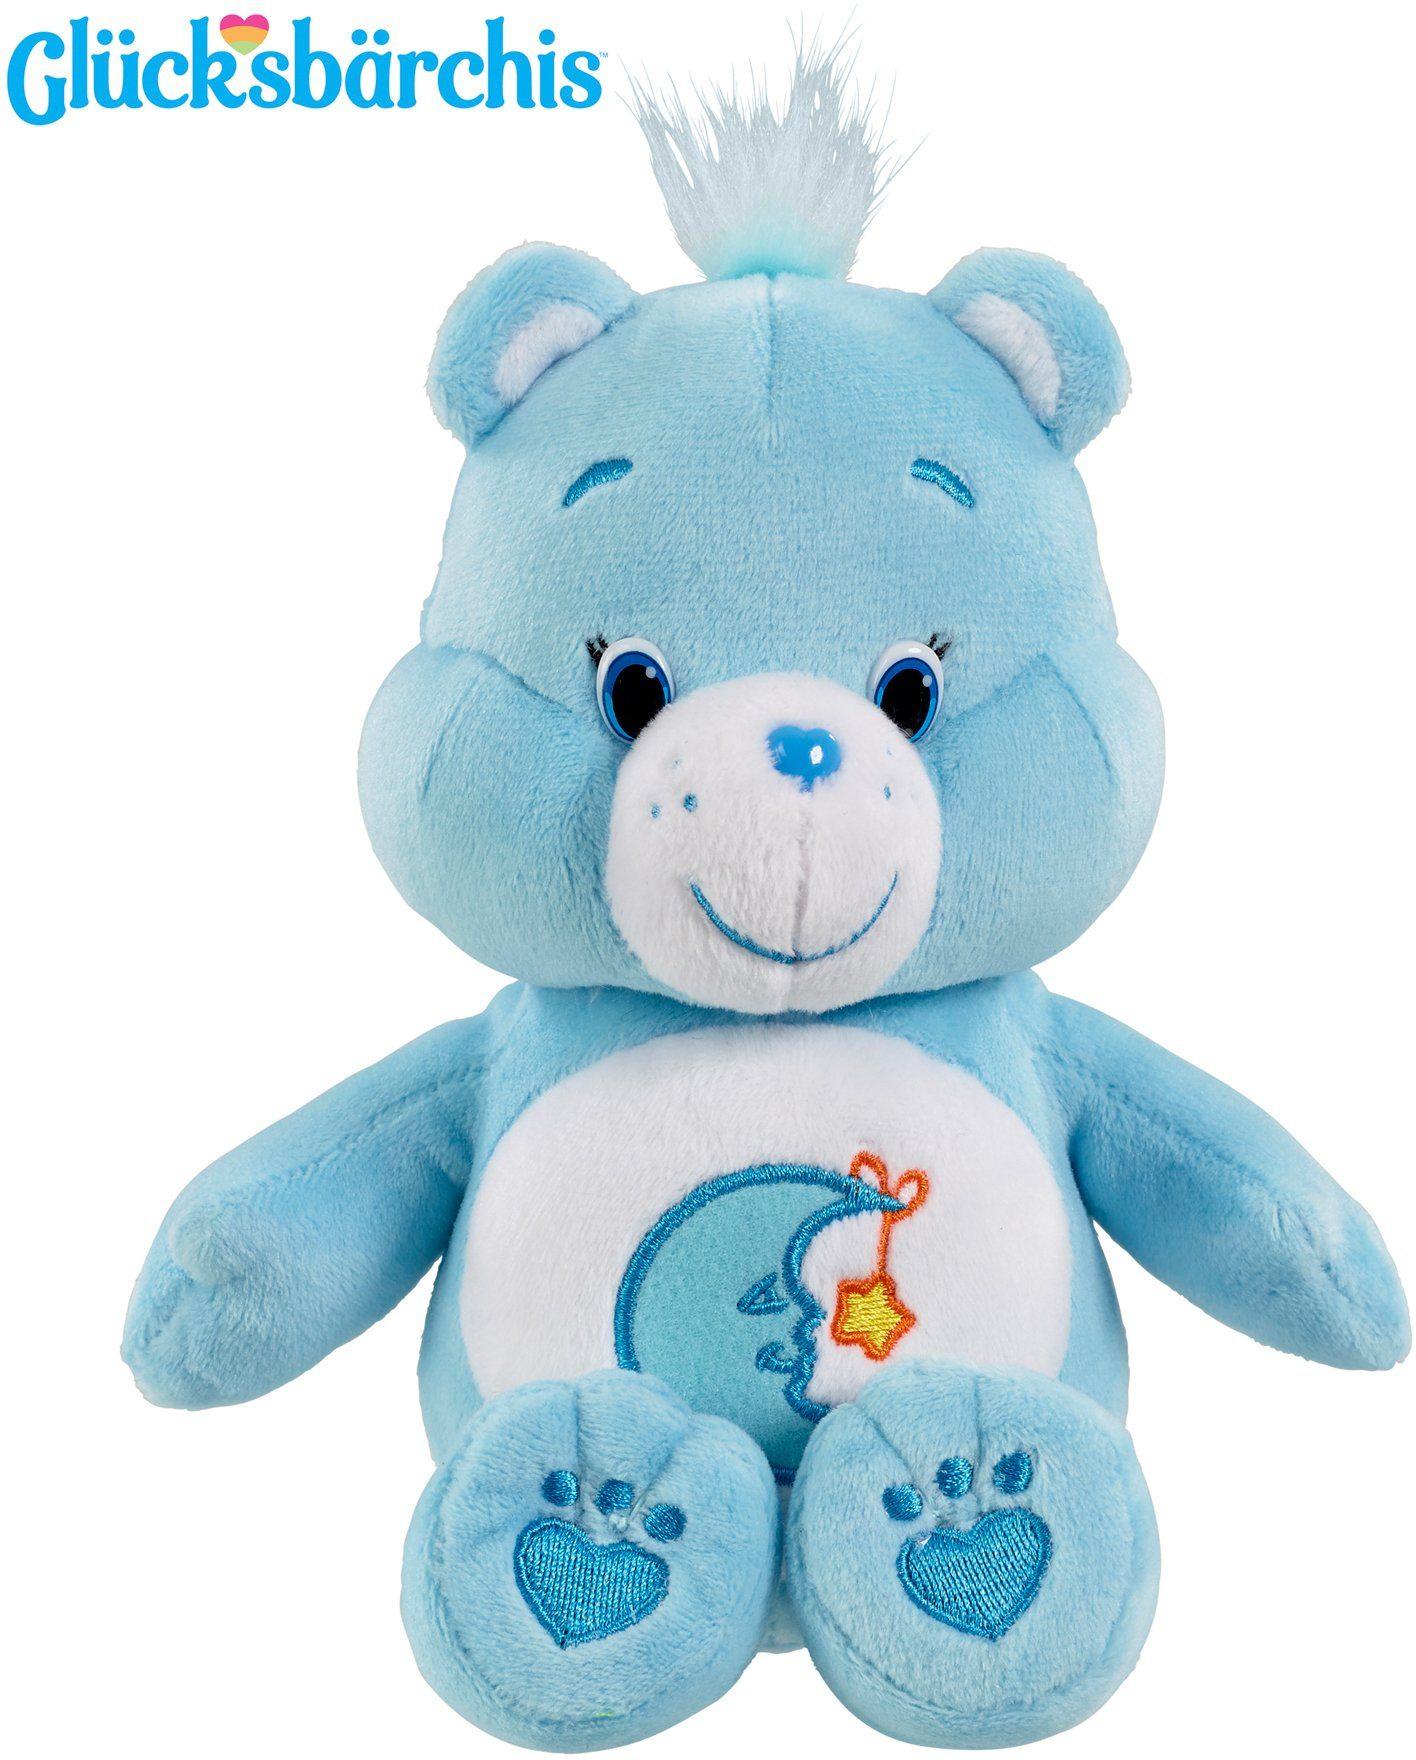 Vivid Teddy aus Plüsch, »Glücksbärchis Bean Bag Schlummerbärchi «